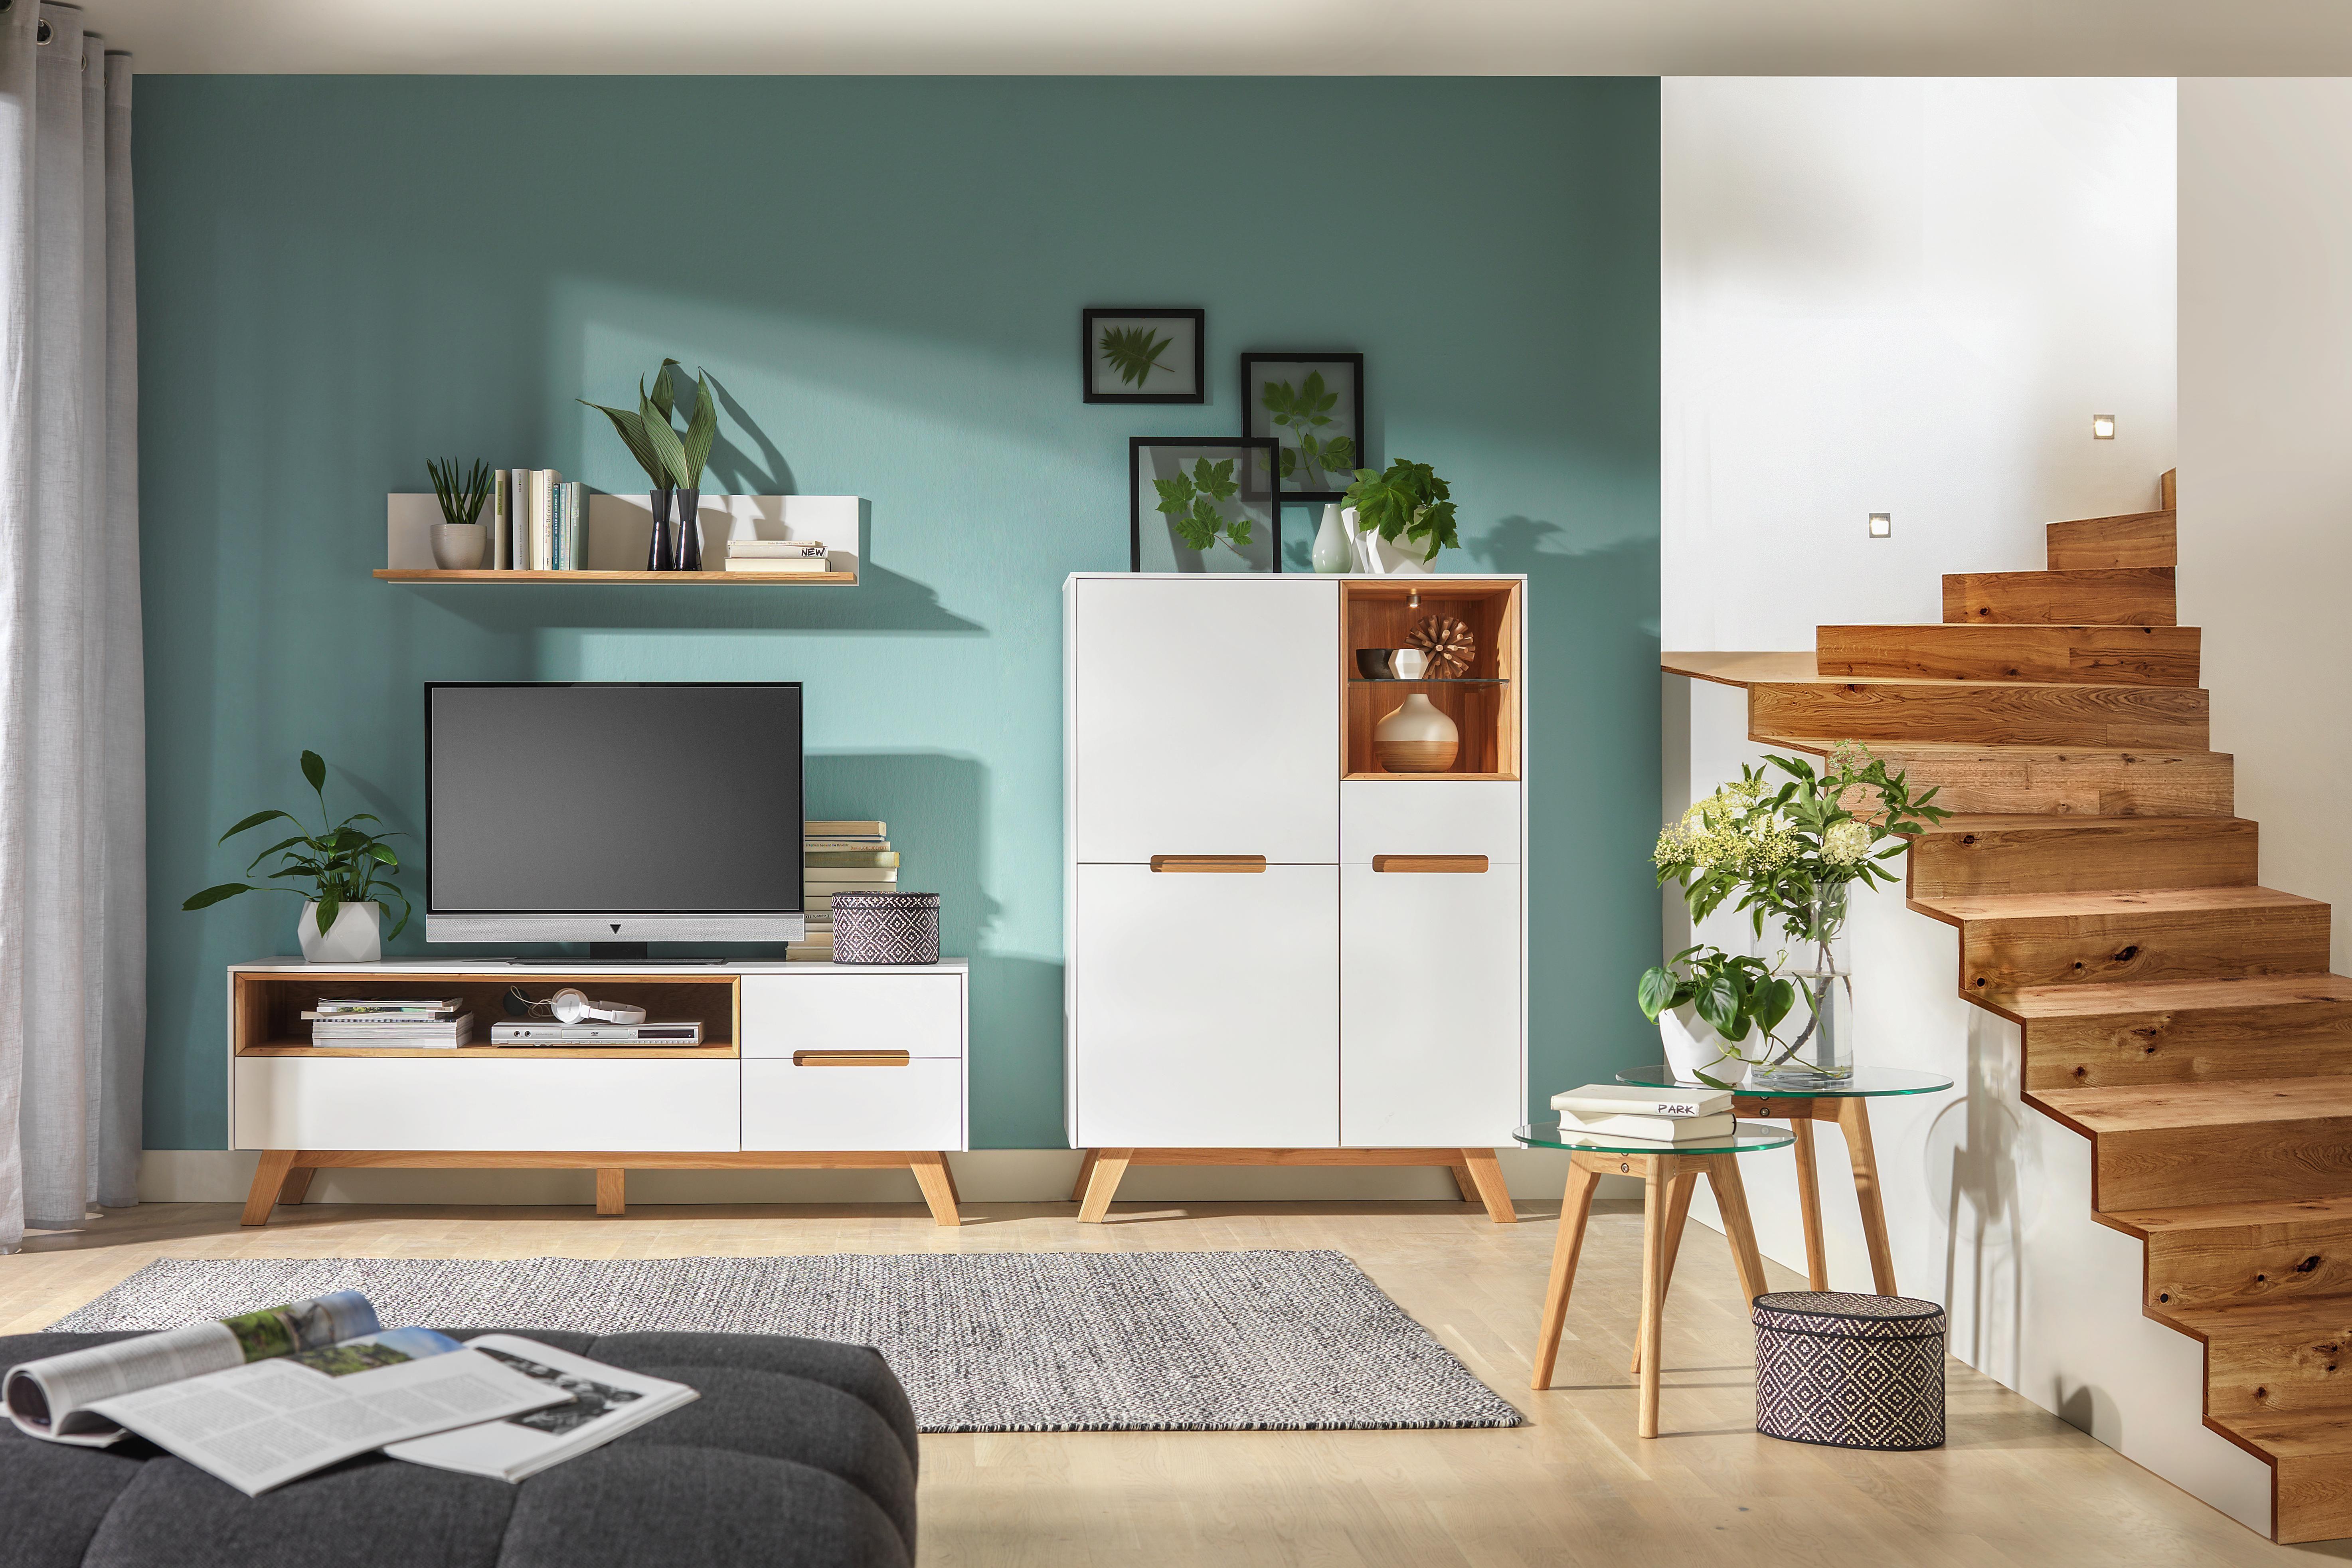 Design Wohnzimmermobel | Highboard Springtime Pinterest